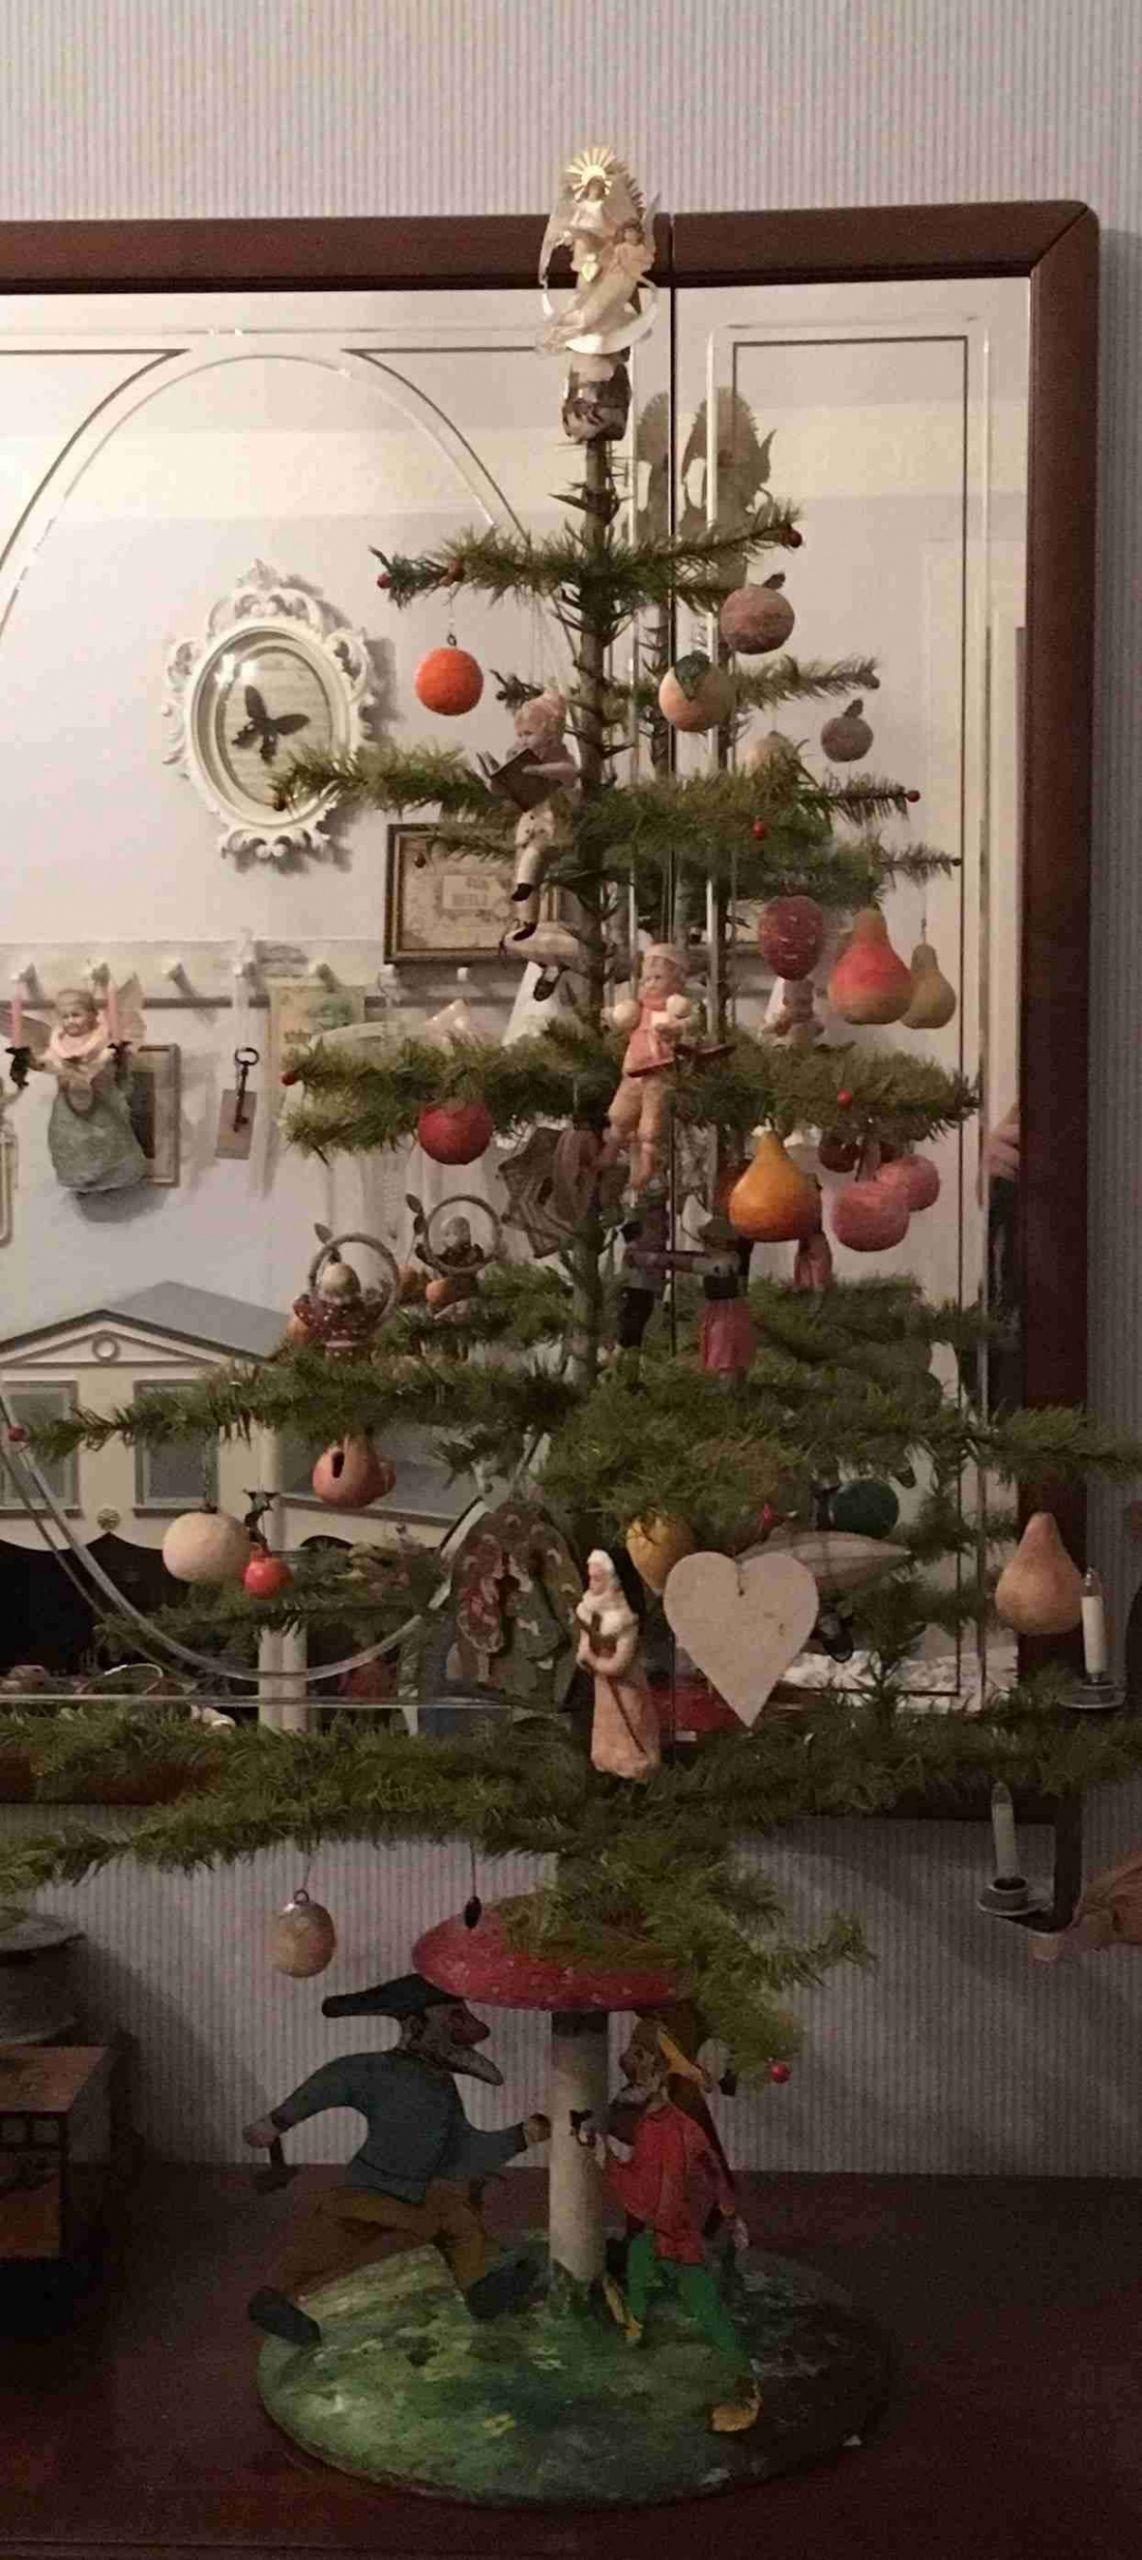 40 genial weihnachtsdekoration fur den garten weihnachtsdeko ideen fur aussen weihnachtsdeko ideen fur aussen 3